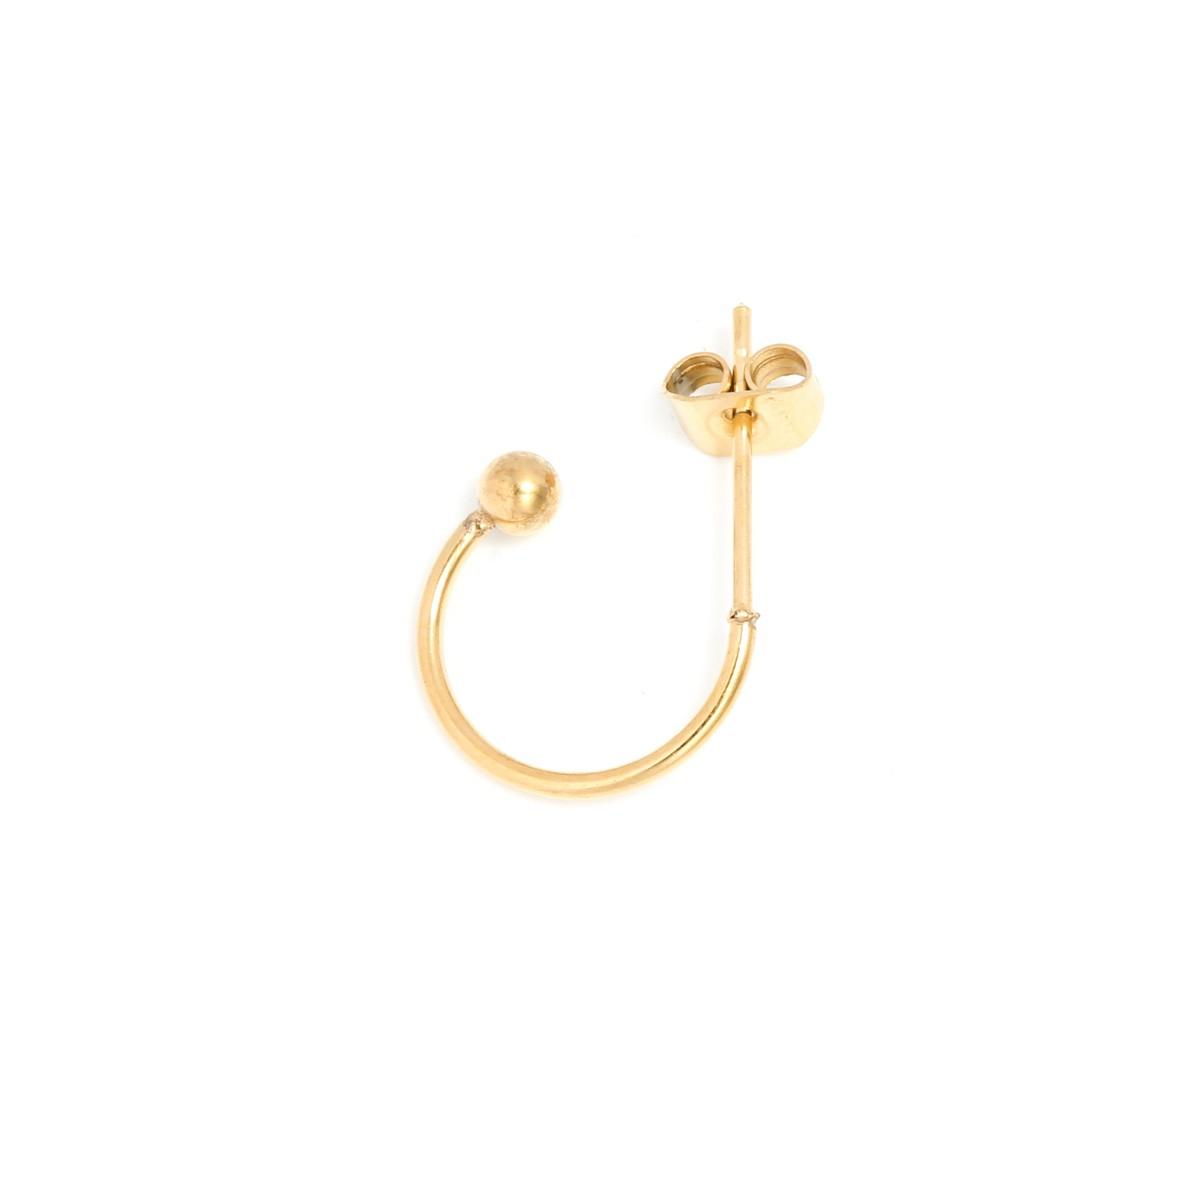 oorsteker-creool-stainless-steel-goud-13mm-per-paar